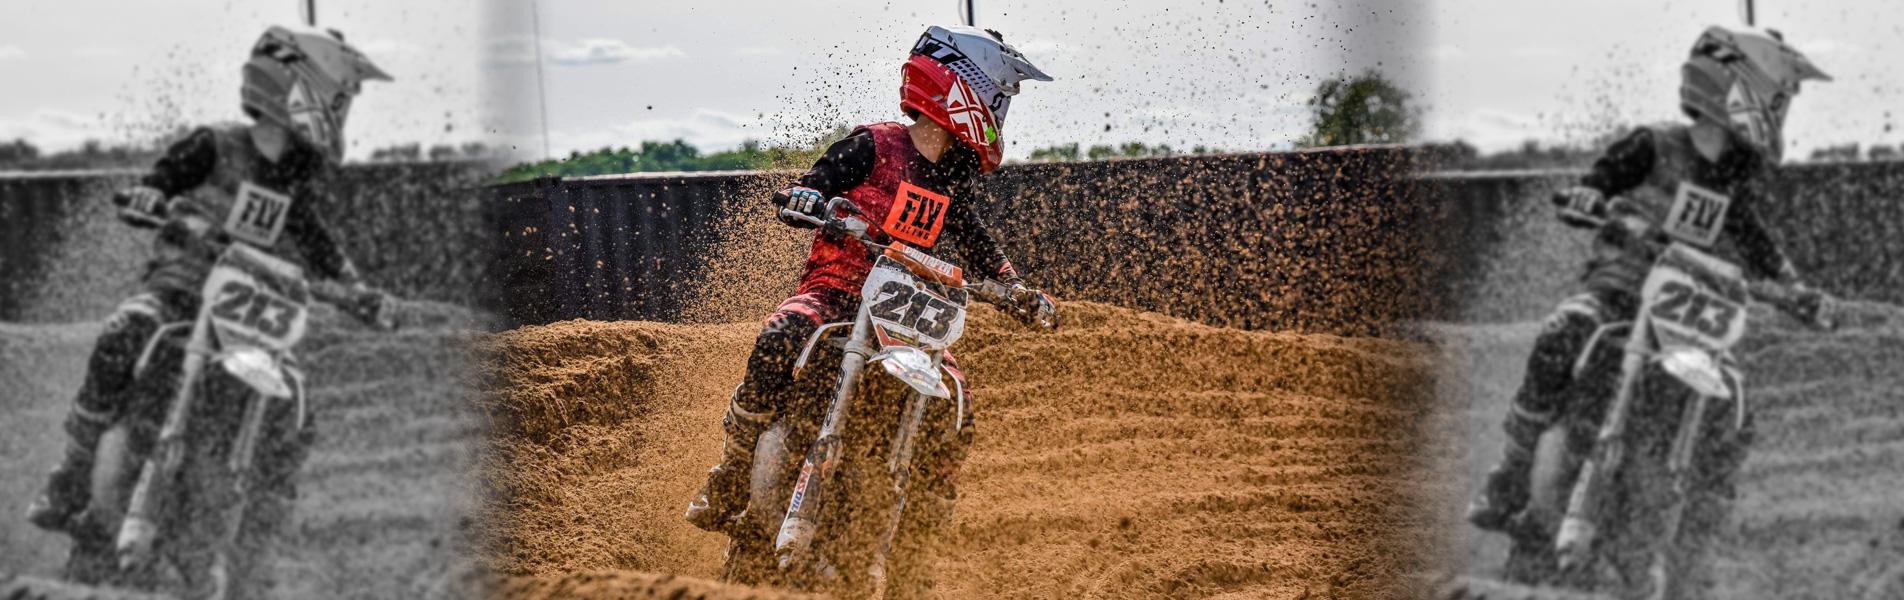 Berick_Wood_Motocross